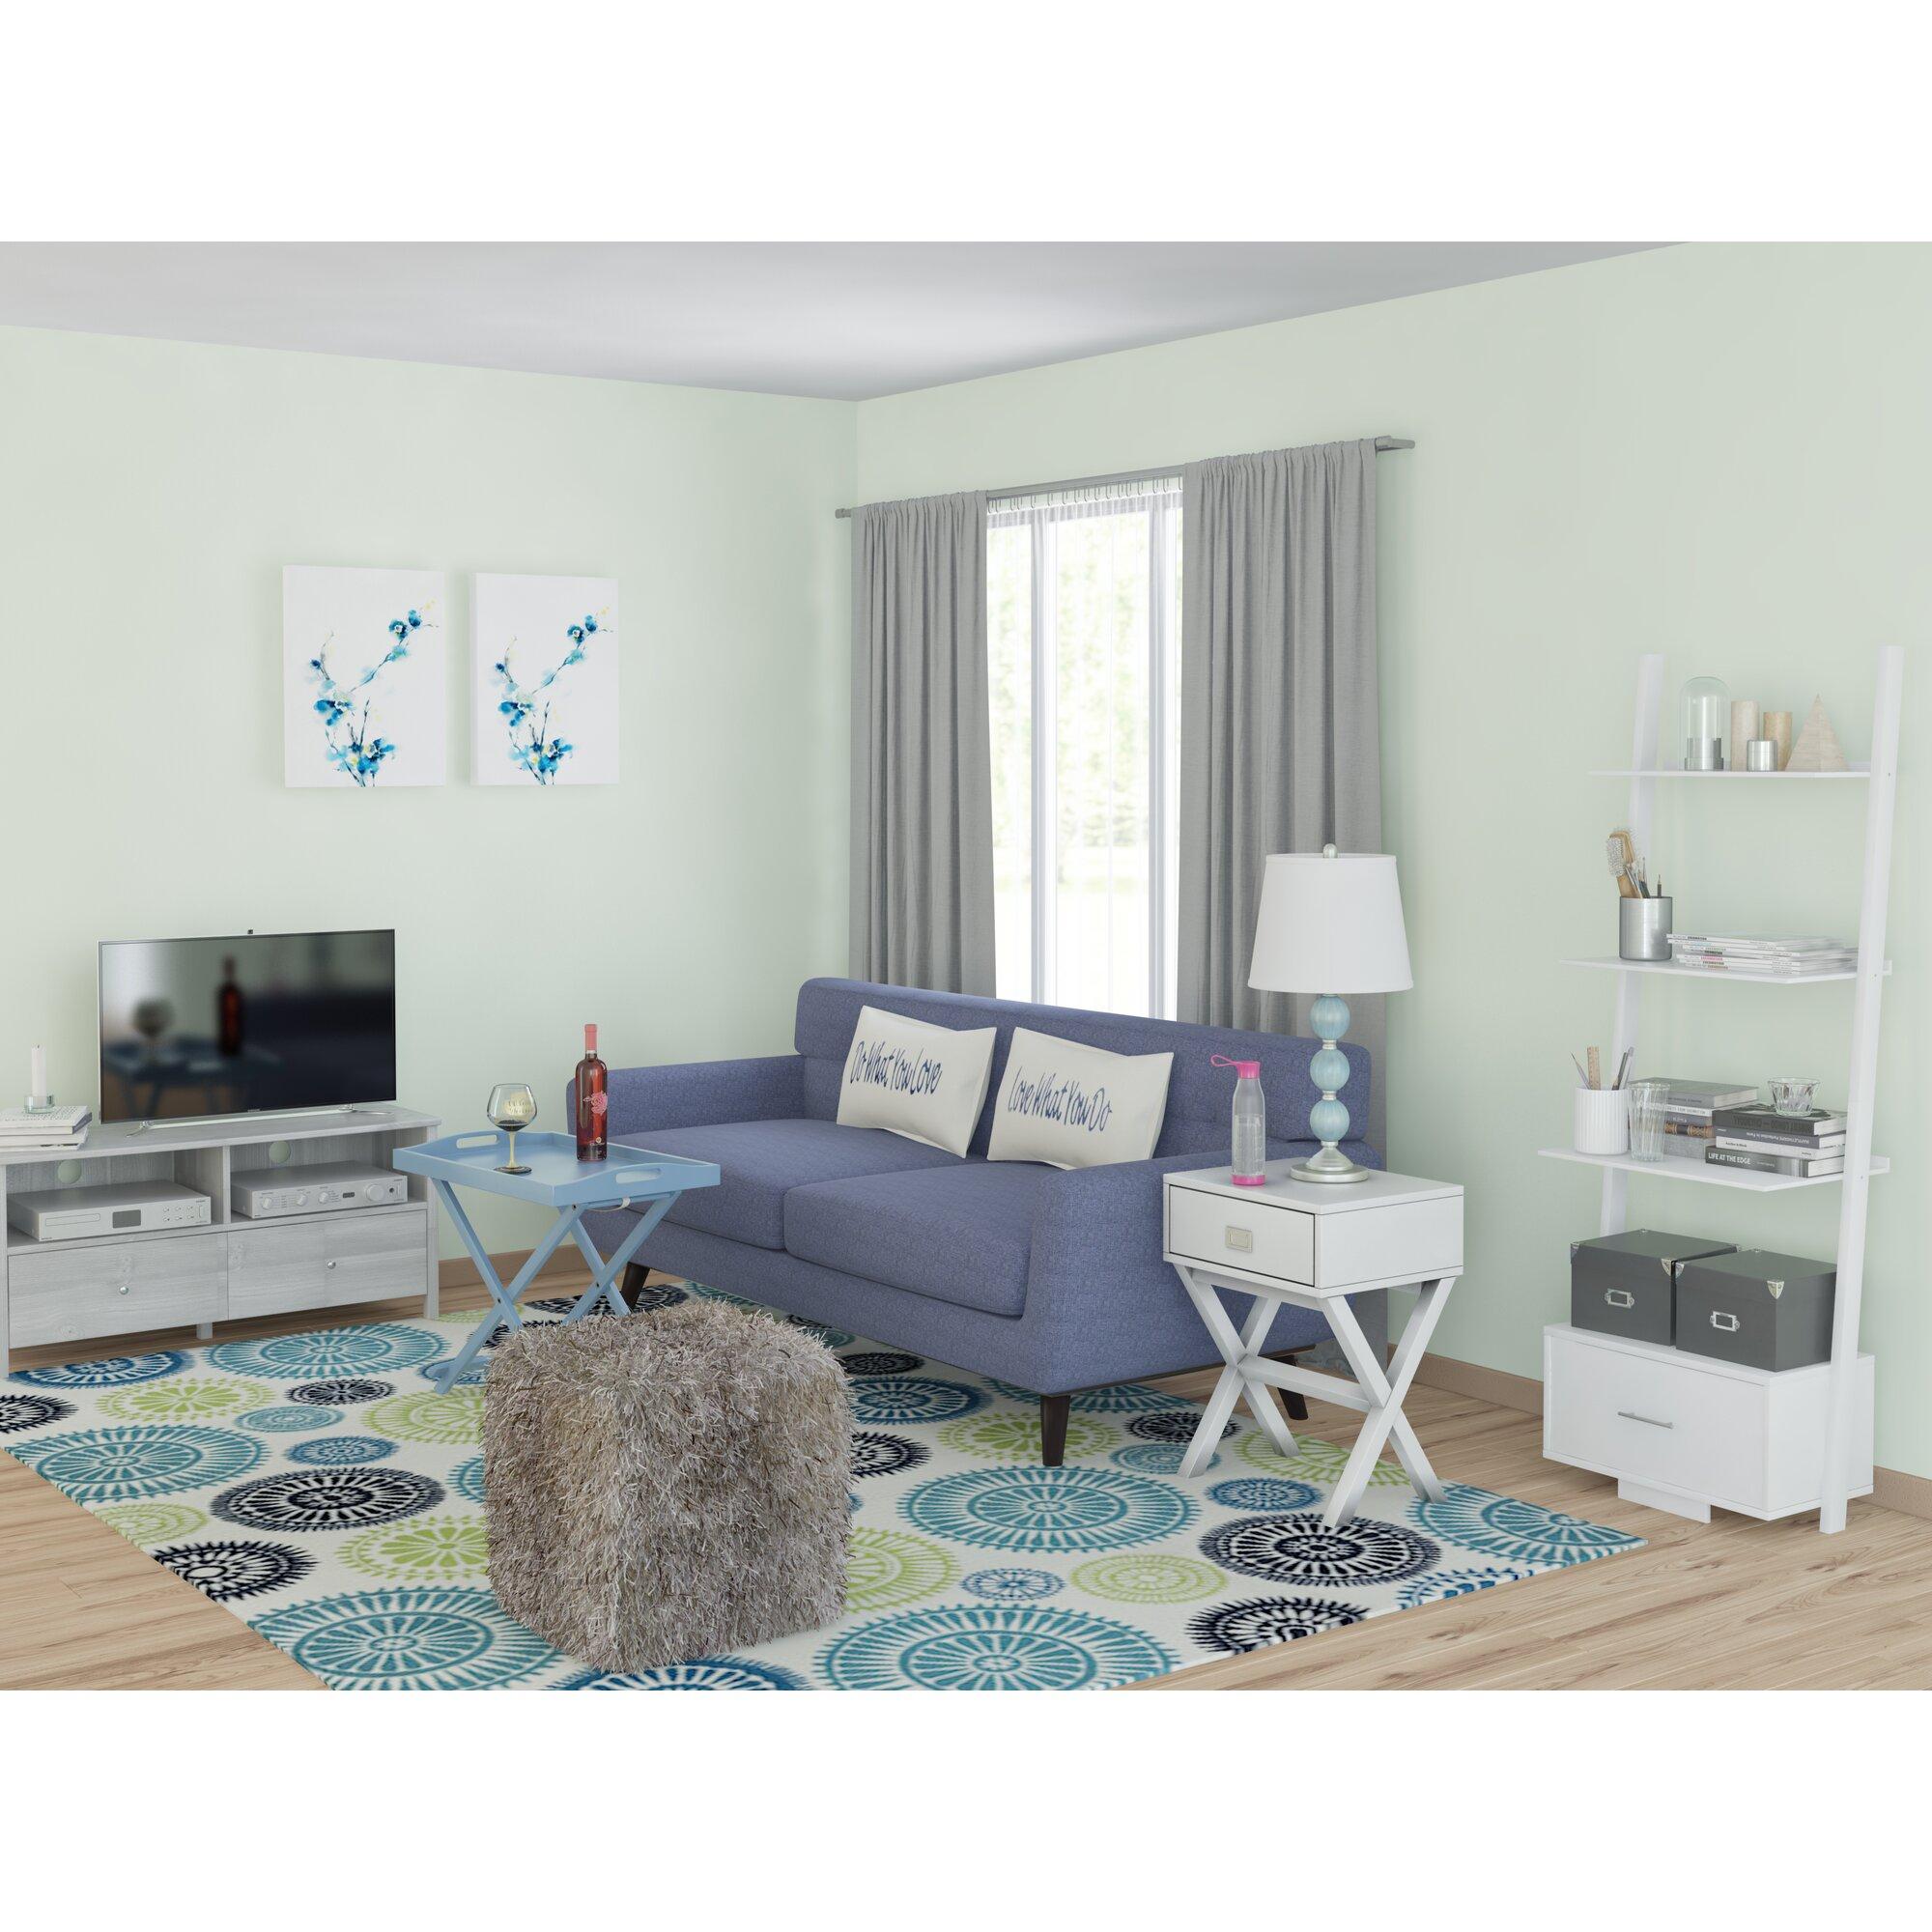 Zipcode Design Lucia Ivory Green Blue Indoor Outdoor Area